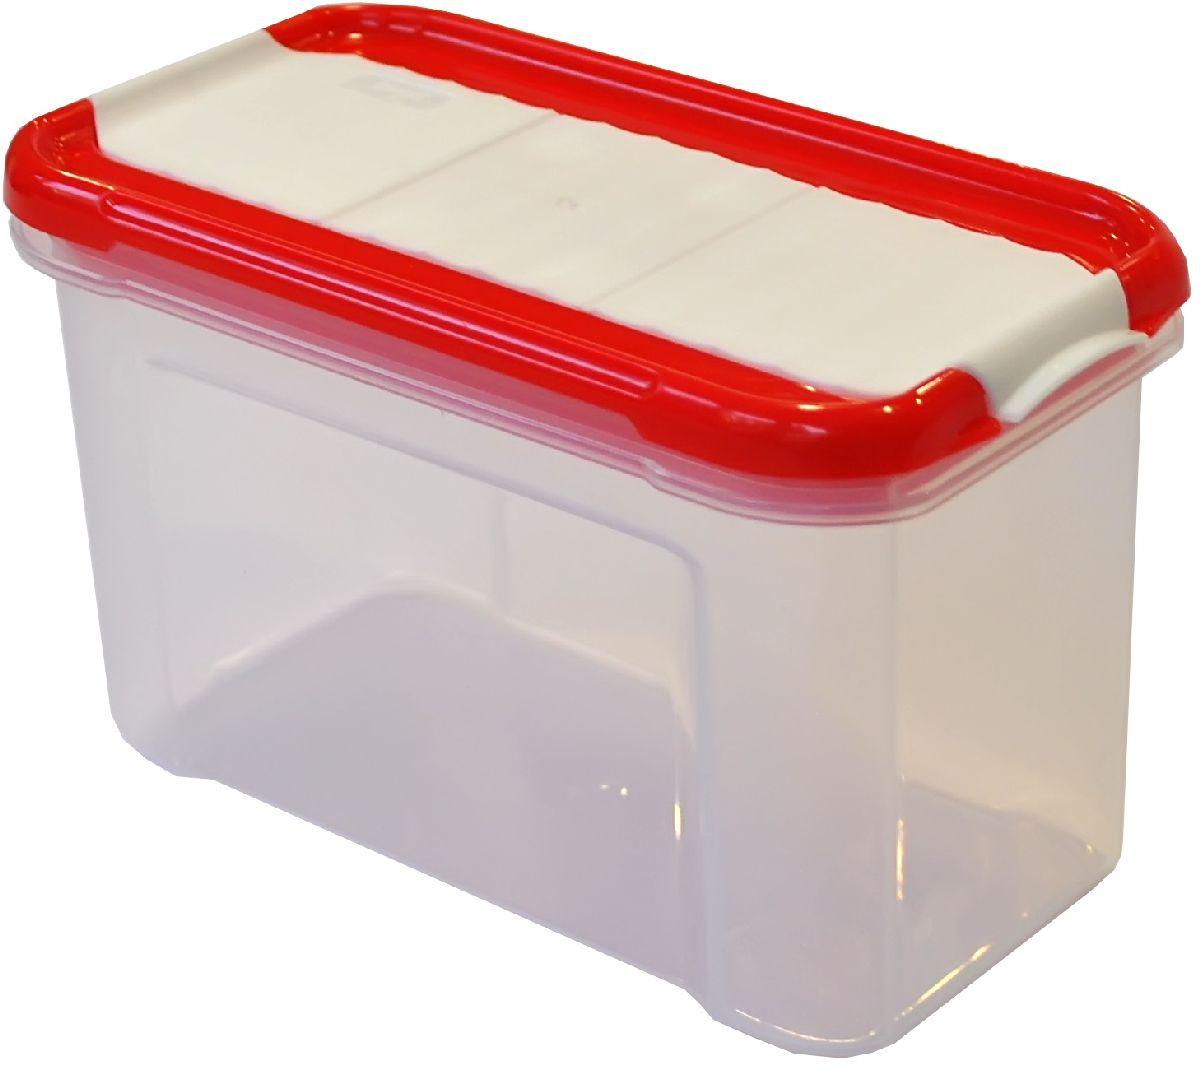 Банка для сыпучих продуктов Giaretti Krupa, с дозатором, цвет: красный, прозрачный, 750 млFA-5126-2 WhiteБанка для сыпучих продуктов Giaretti Krupa предназначена для хранения круп, сахара, макаронных изделий, сладостей, в том числе для продуктов с ярким ароматом (специи и прочее). Строгая прямоугольная форма банки поможет вам организовать пространство максимально комфортно, не теряя полезную площадь. Плотная крышка не пропускает запахи, и они не смешиваются в вашем шкафу. Благодаря разнообразным отверстиям в дозаторе будет удобно насыпать как мелкие, так и крупные сыпучие продукты, что сделает процесс приготовления пищи проще.